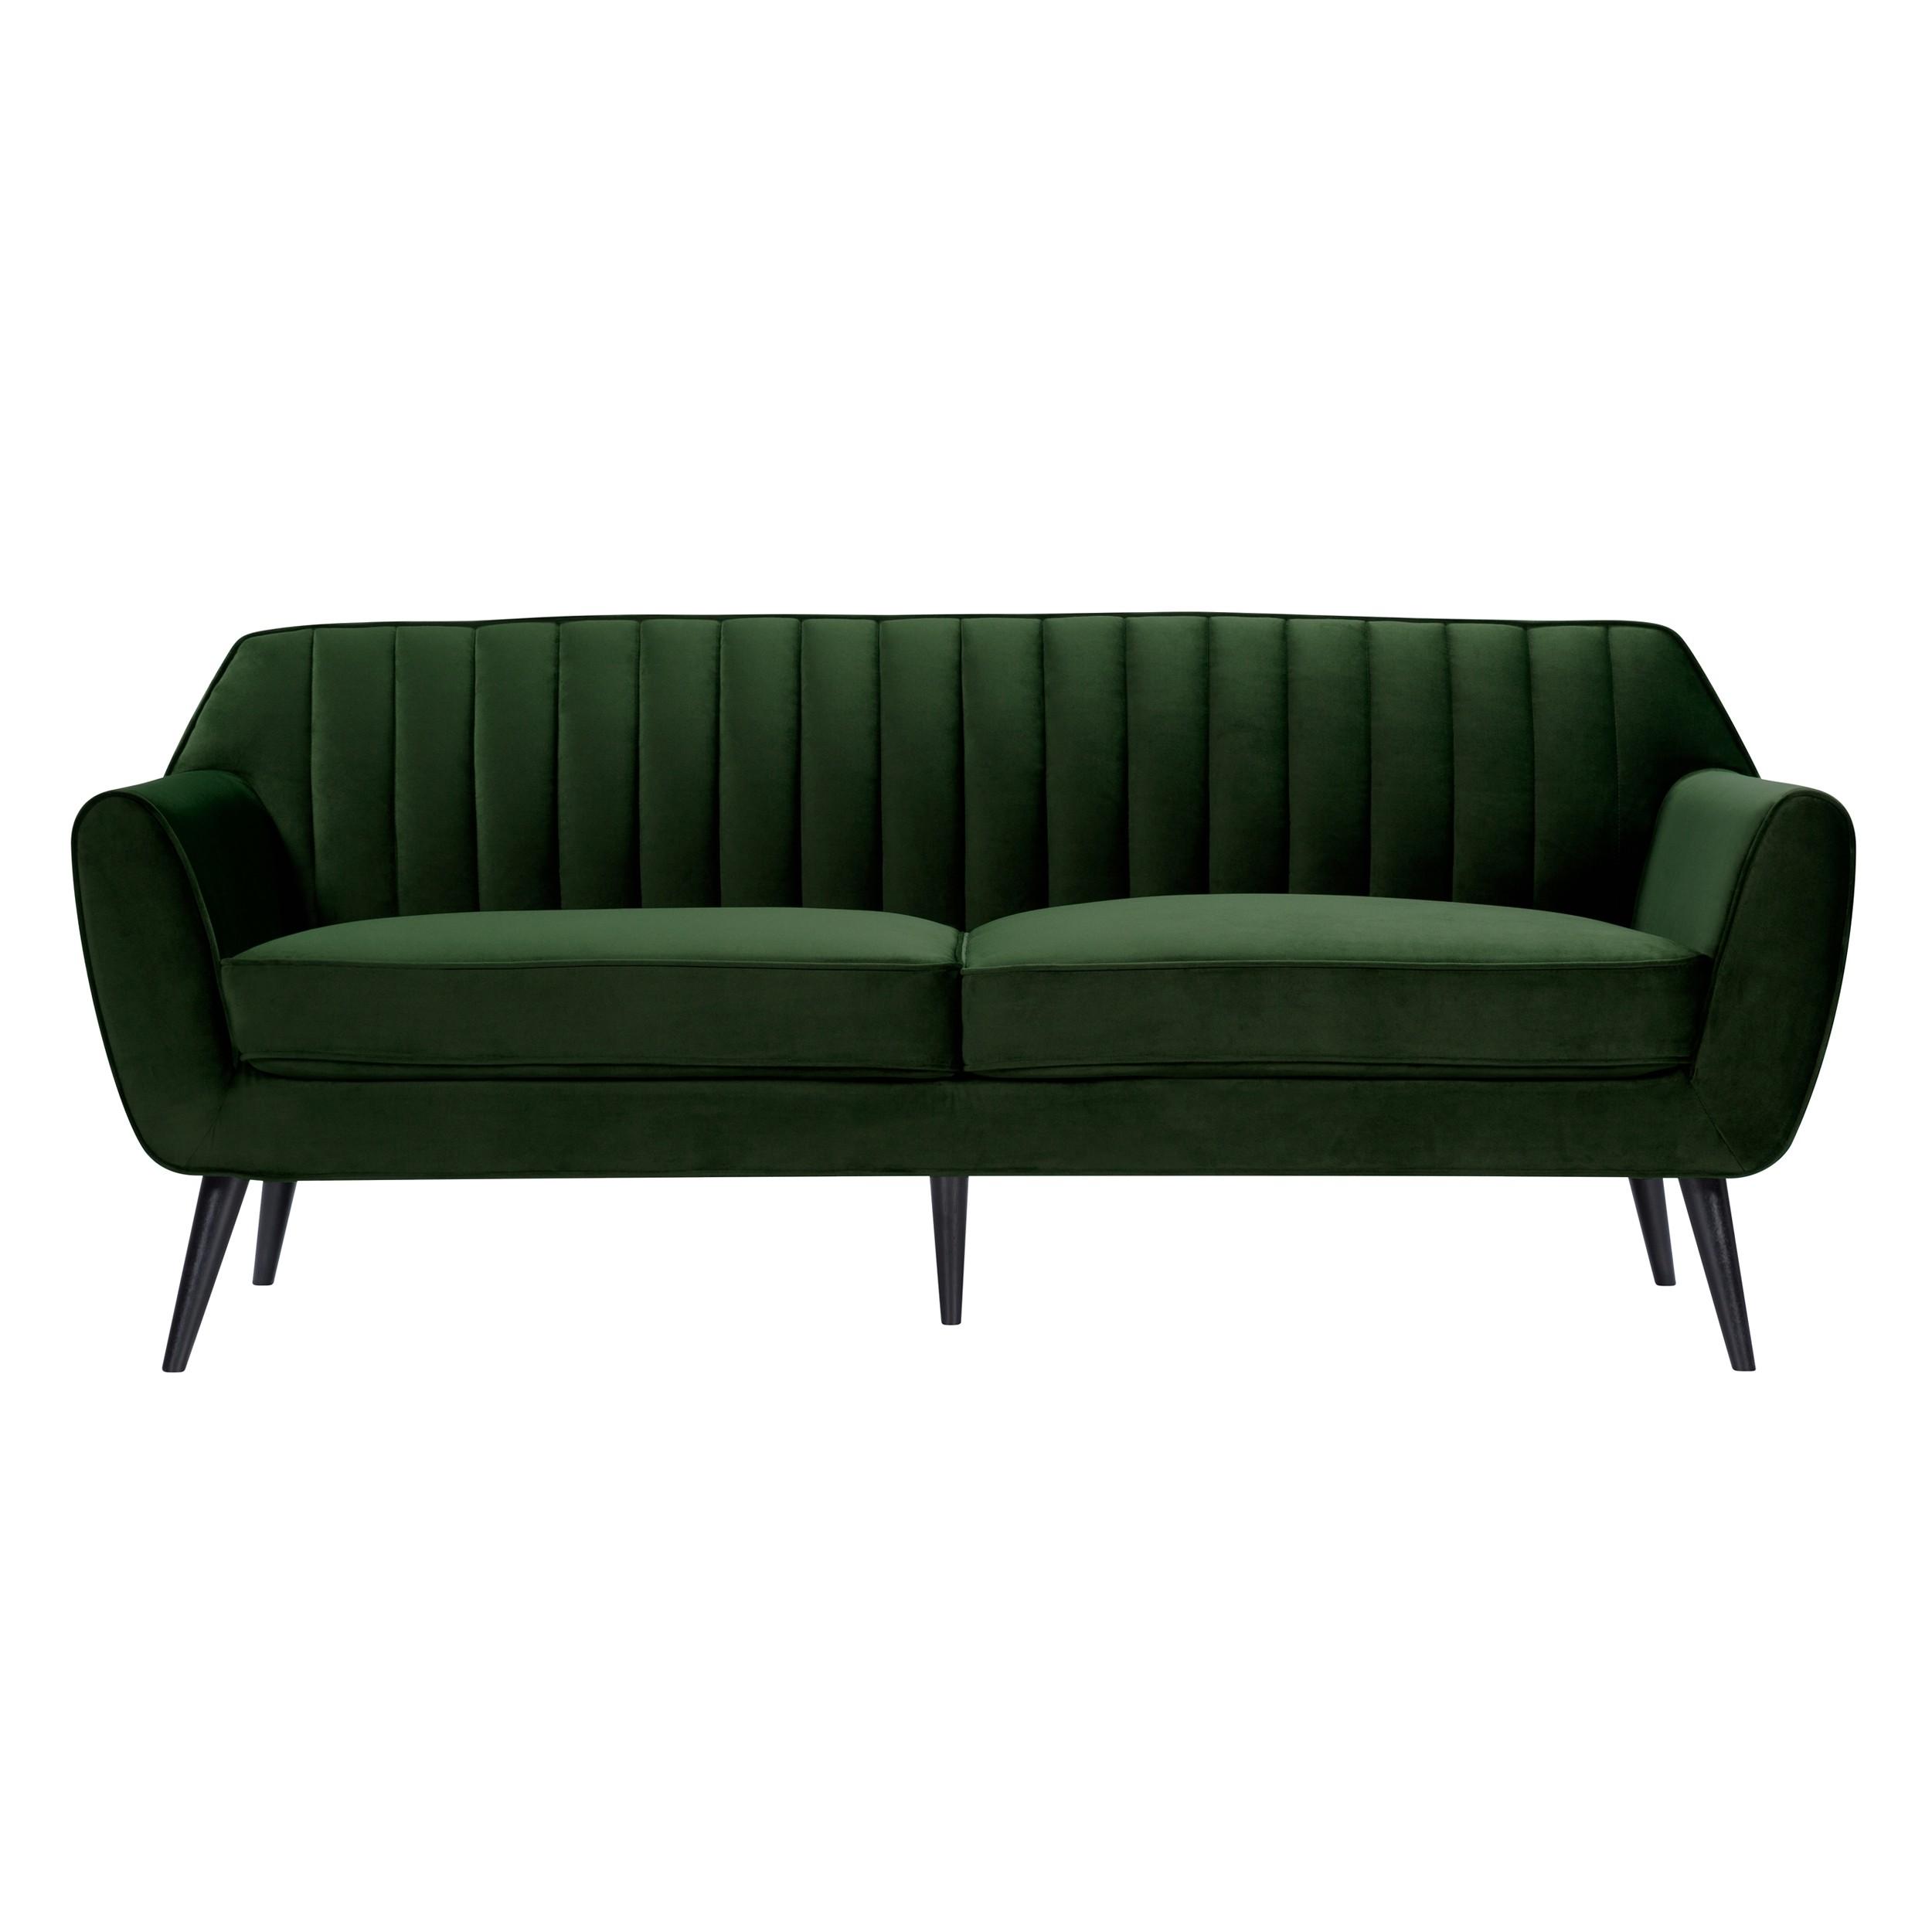 acheter canape 3 places en velours vert fonce